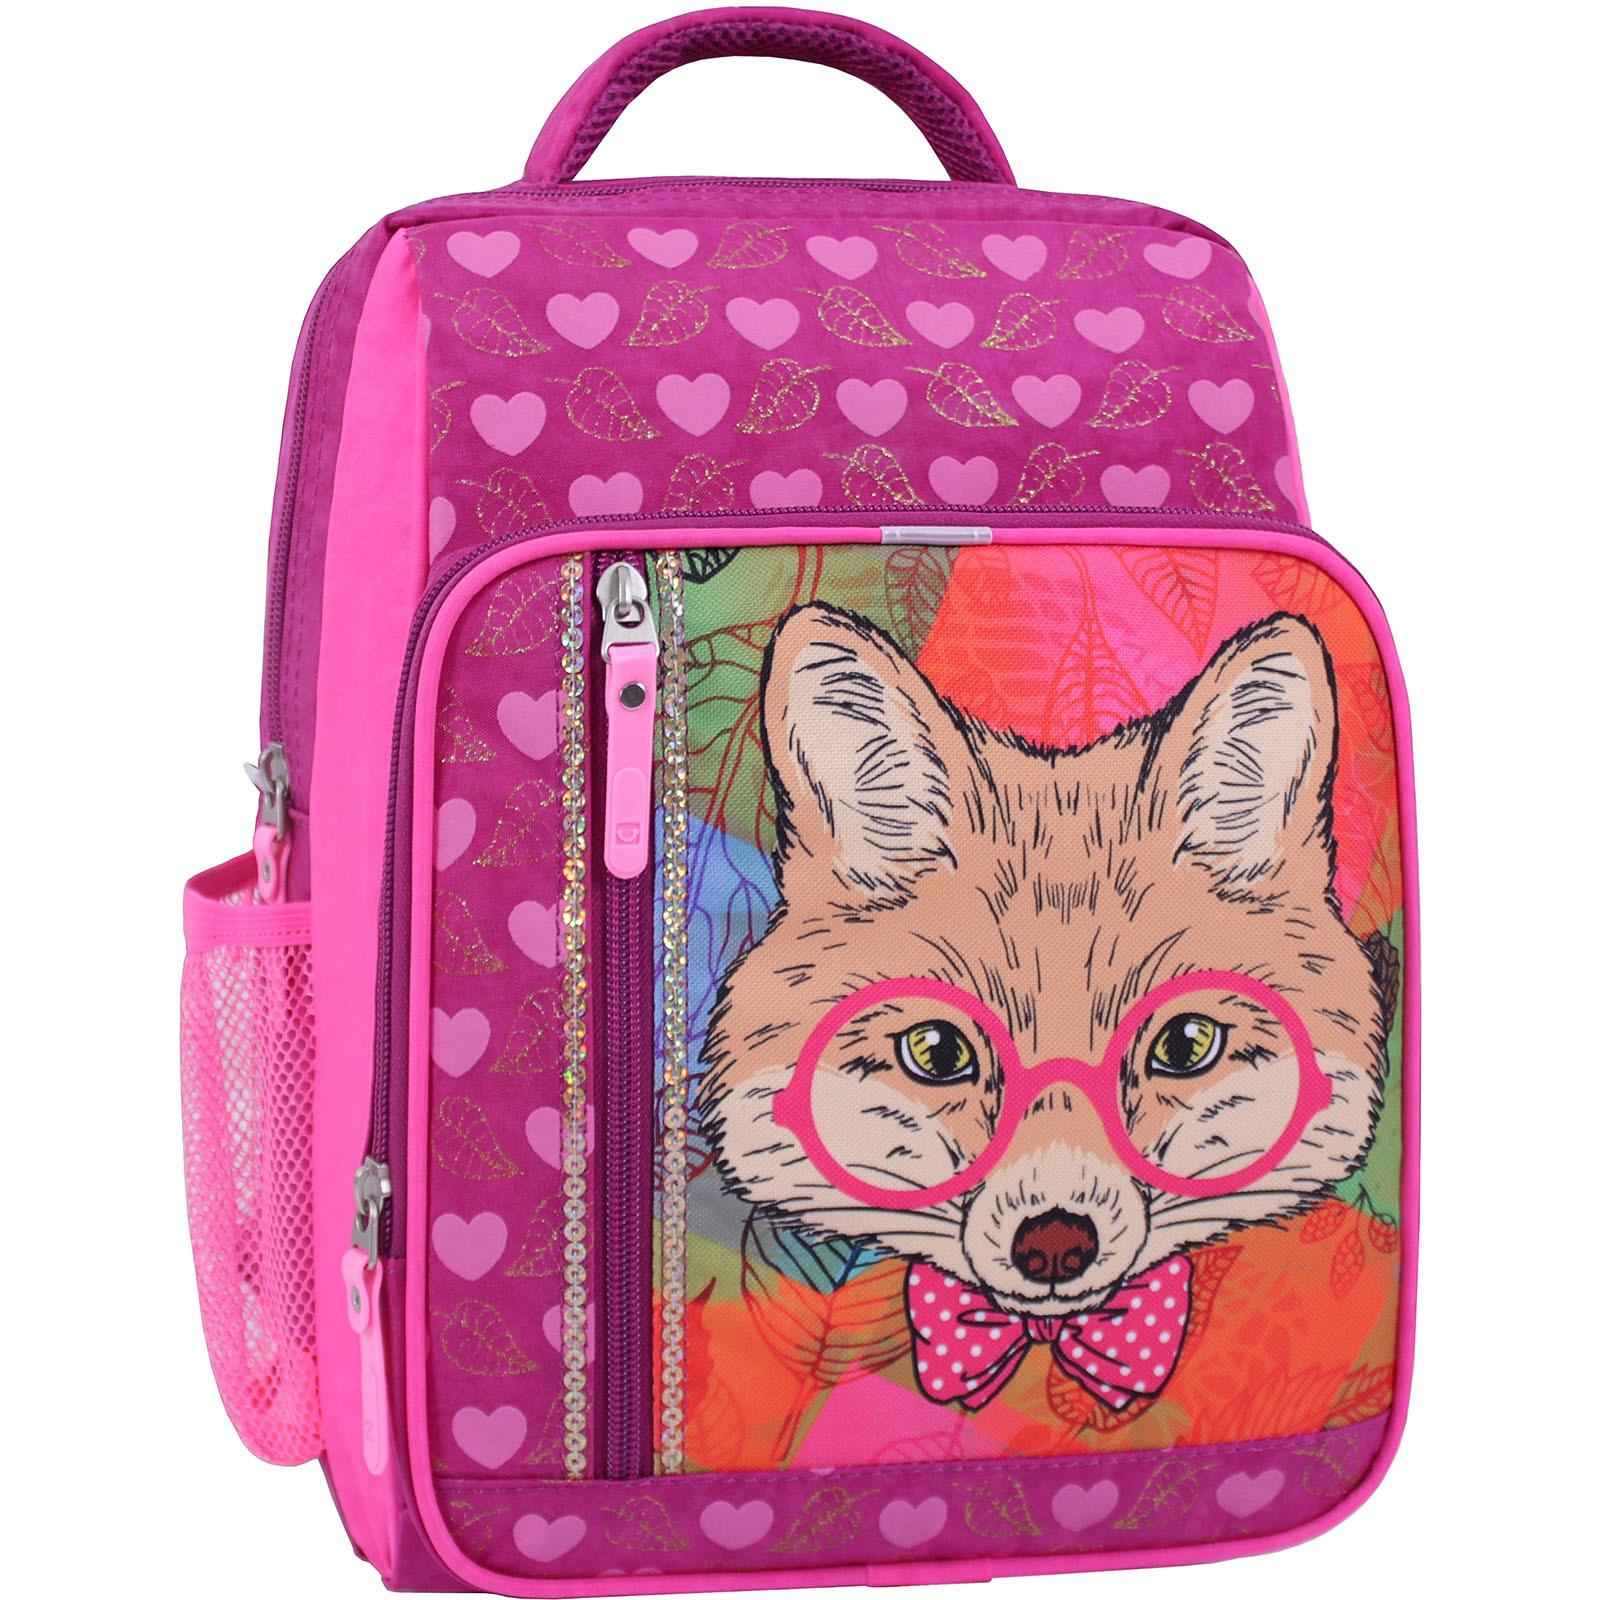 Рюкзак школьный Bagland Школьник 8 л. 143 малиновый 512 (0012870) фото 1